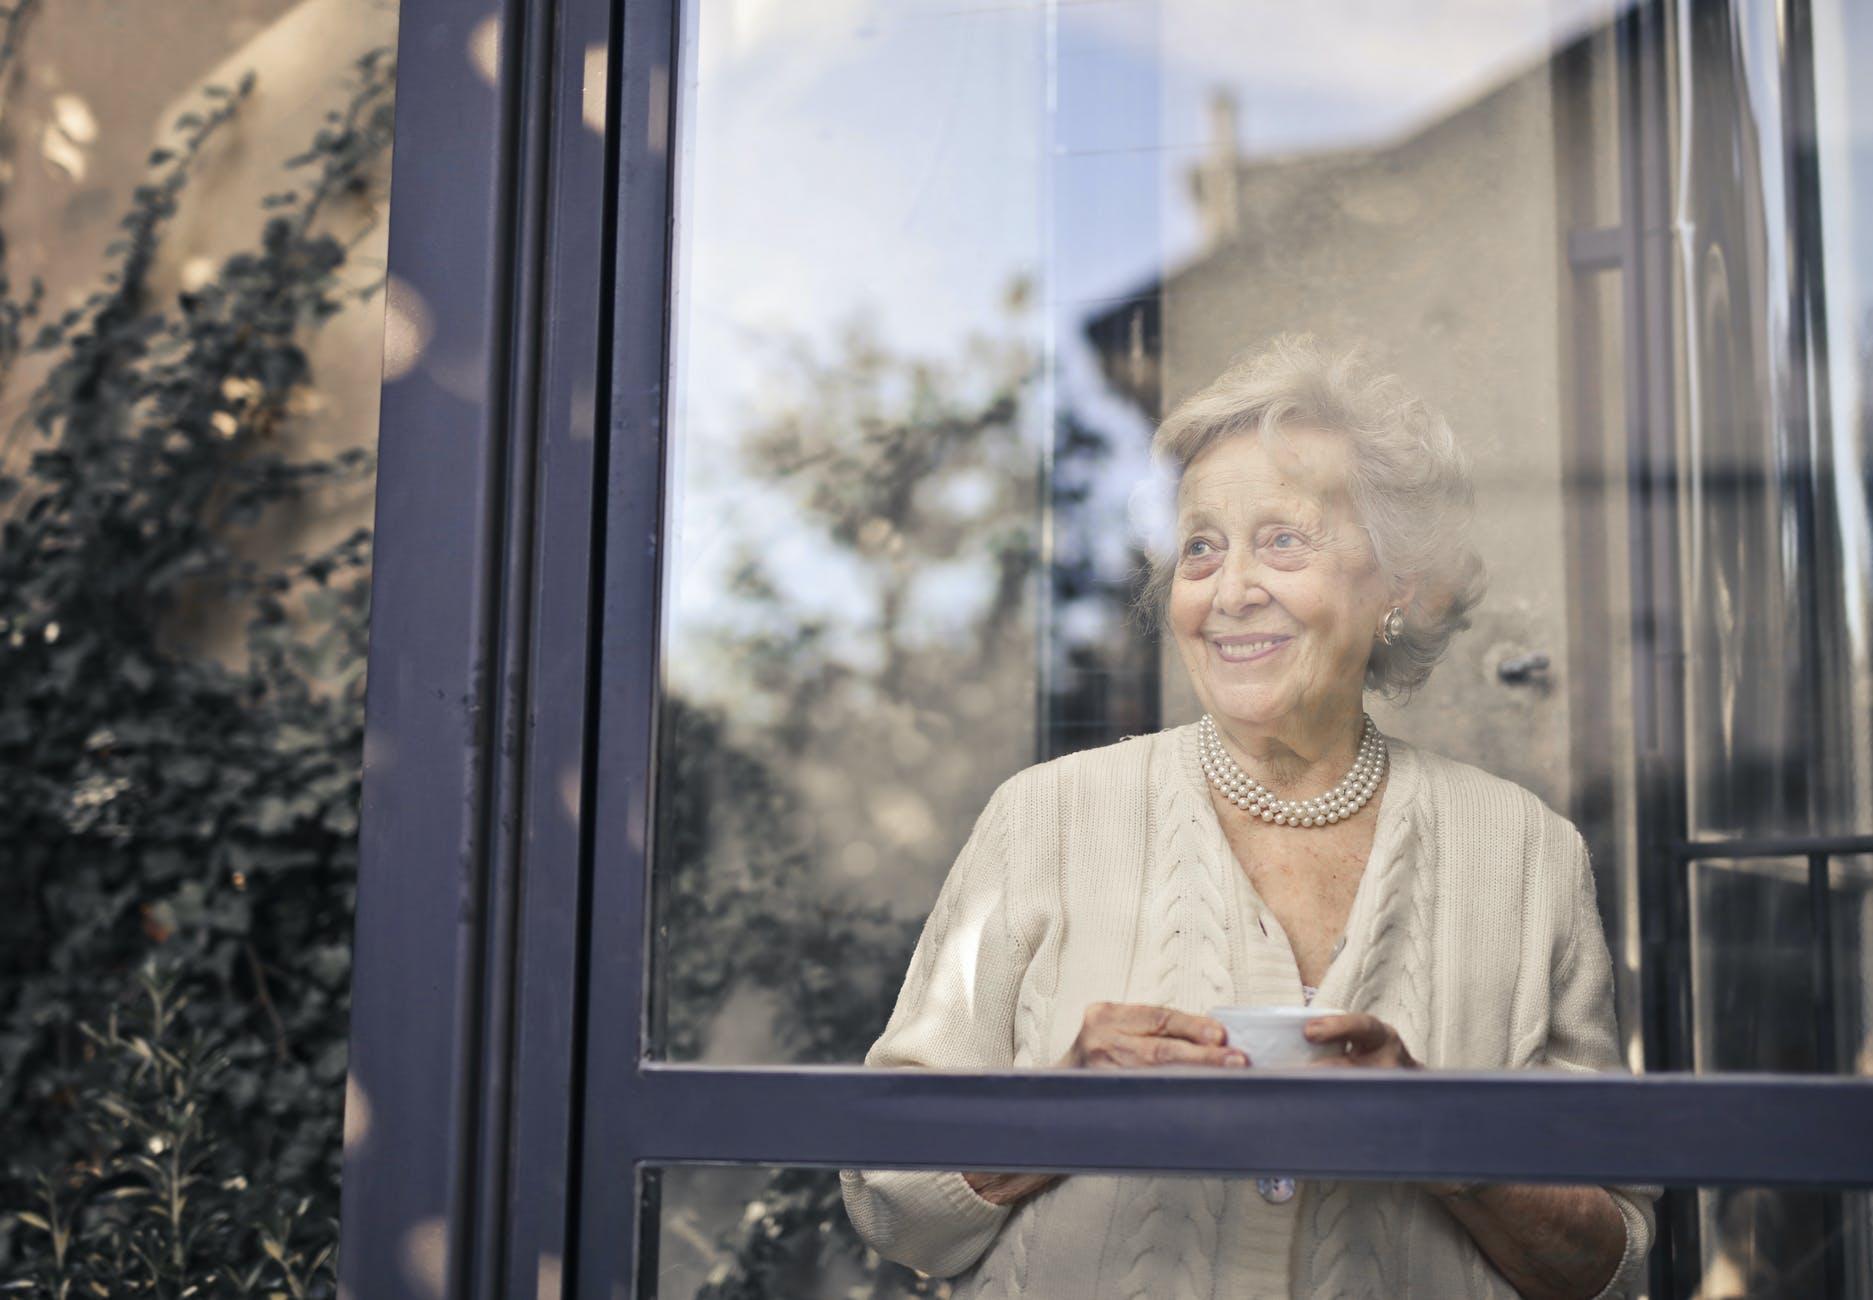 Après 50 ans - Les changements liés à l'âge